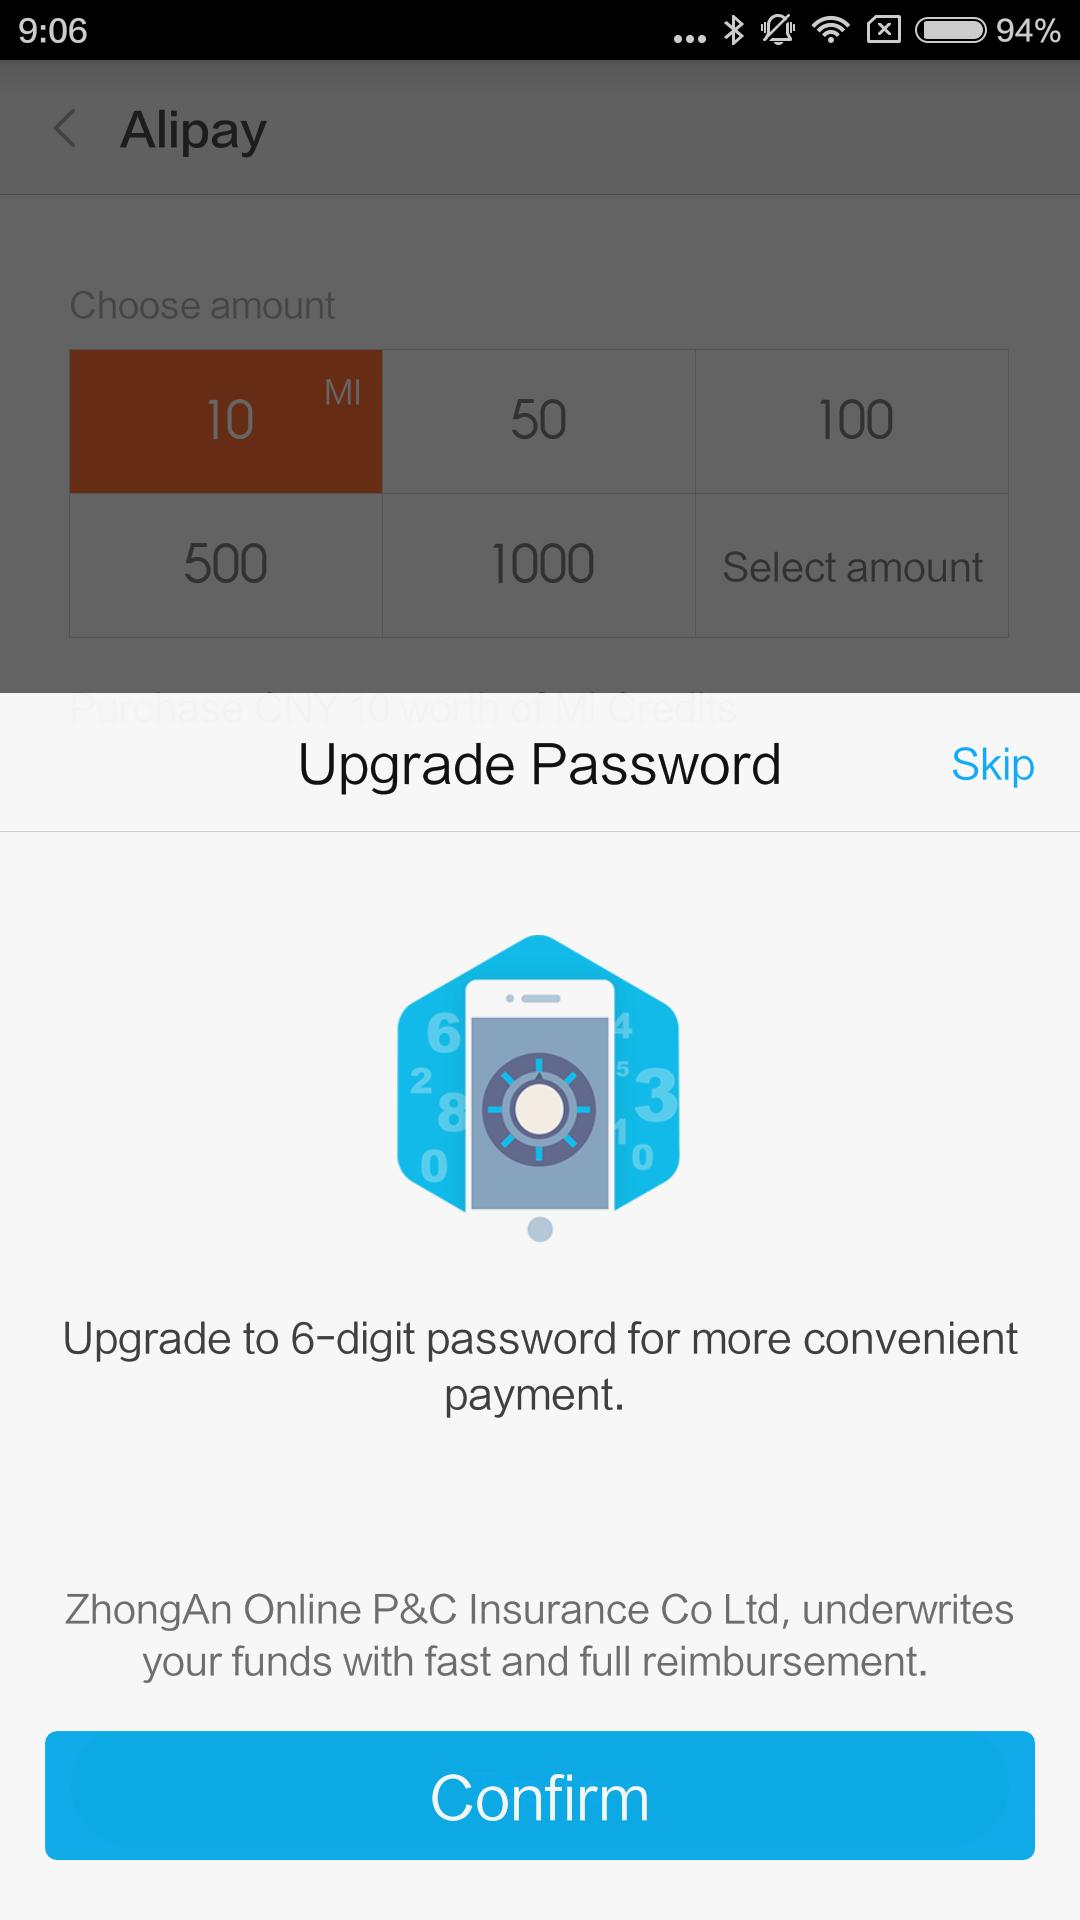 今度はOKだけど、次回からのパスワードを簡単に6桁の数字で決済できるように設定できる